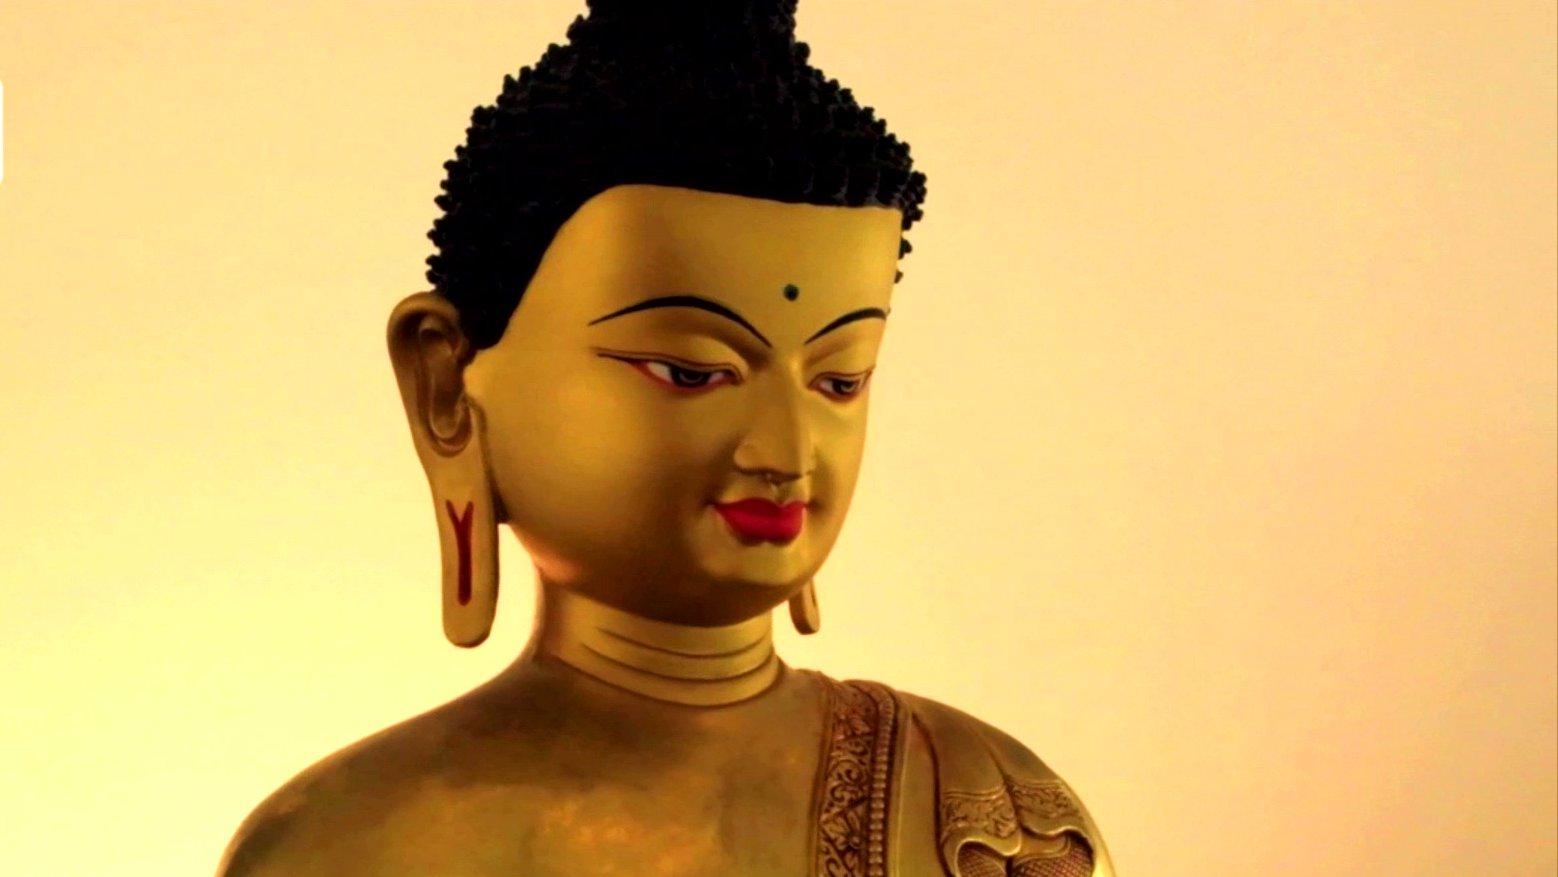 Goldene Buddha-Statue, 2015.